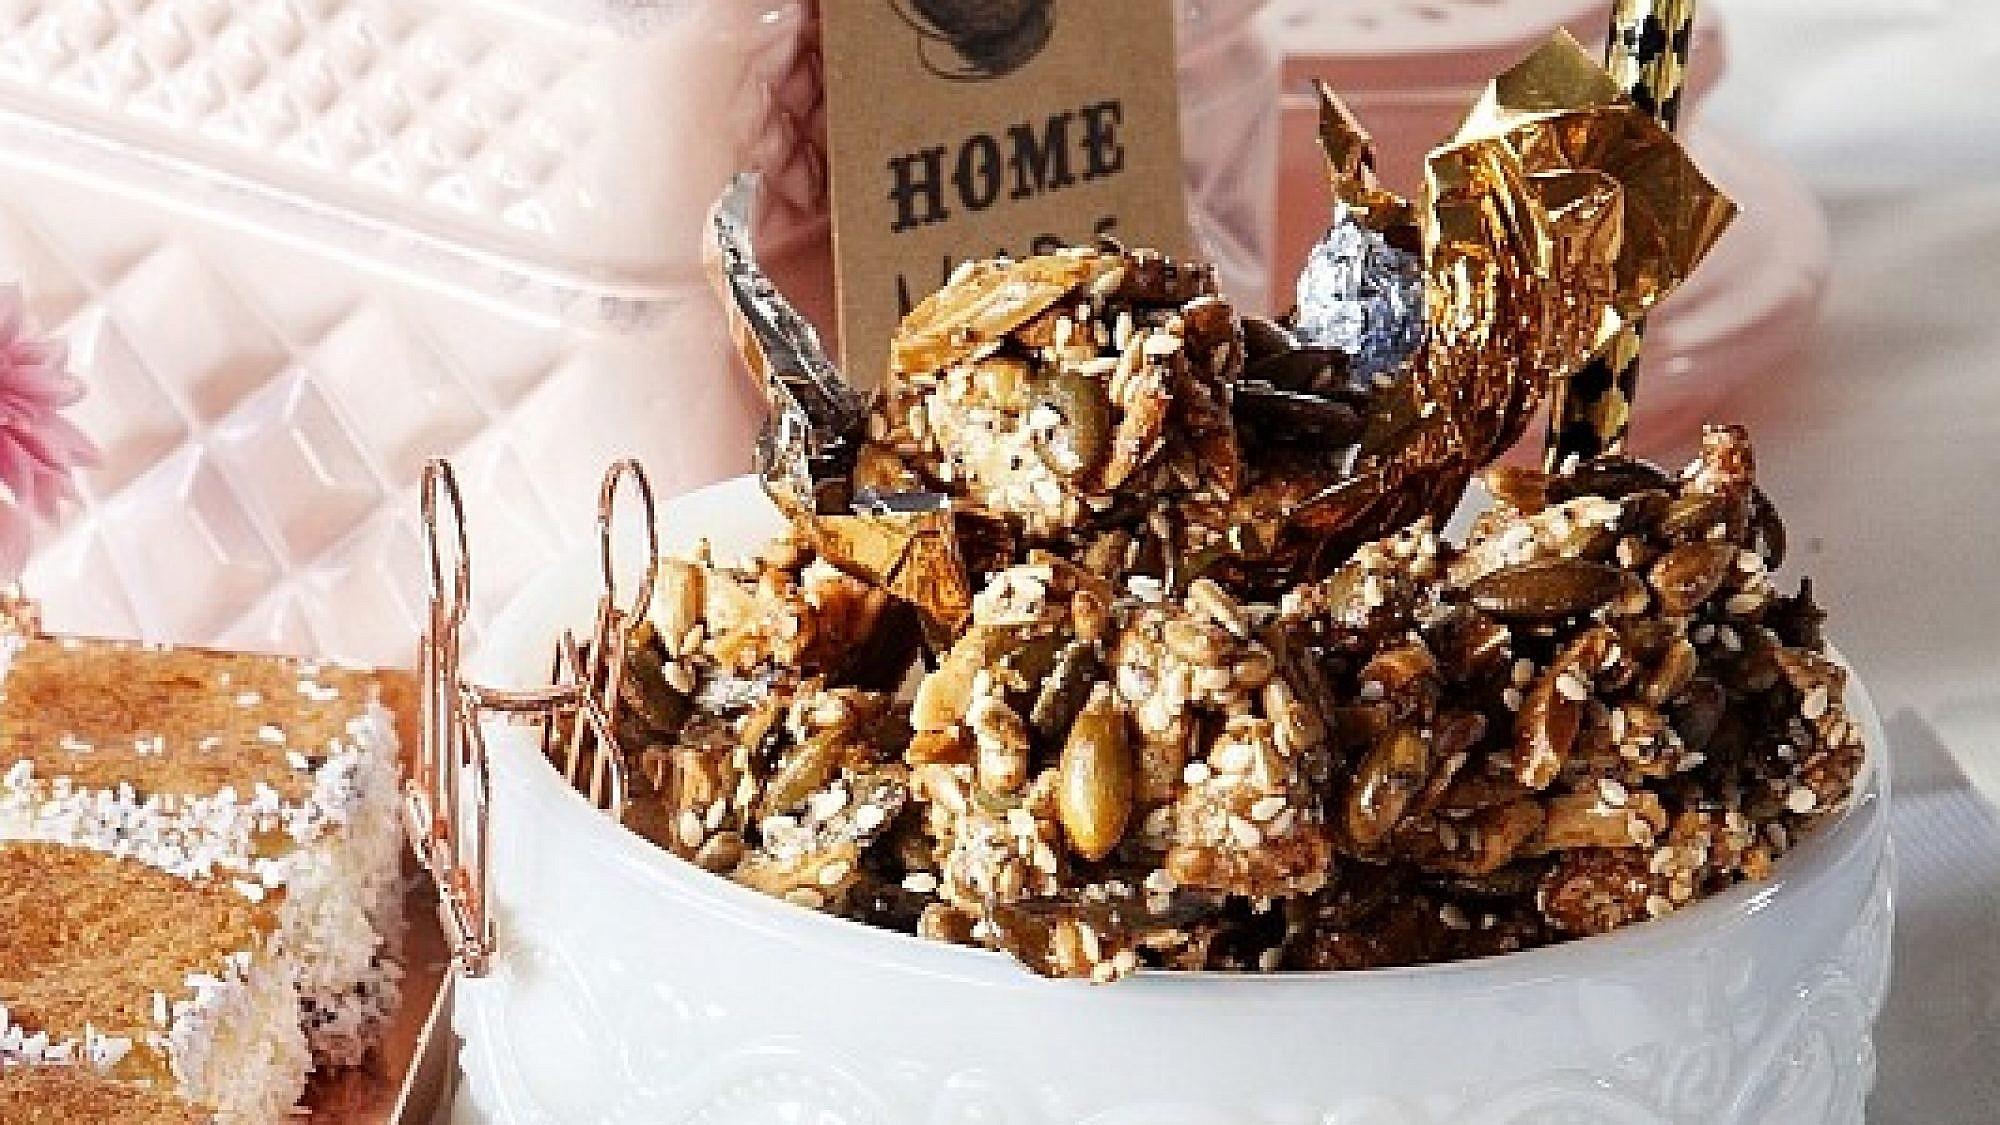 עוגיות בריאות ללא קמח של מיכל מנדלסון. צילום: דניאל לילה. סגנון: דלית רוסו